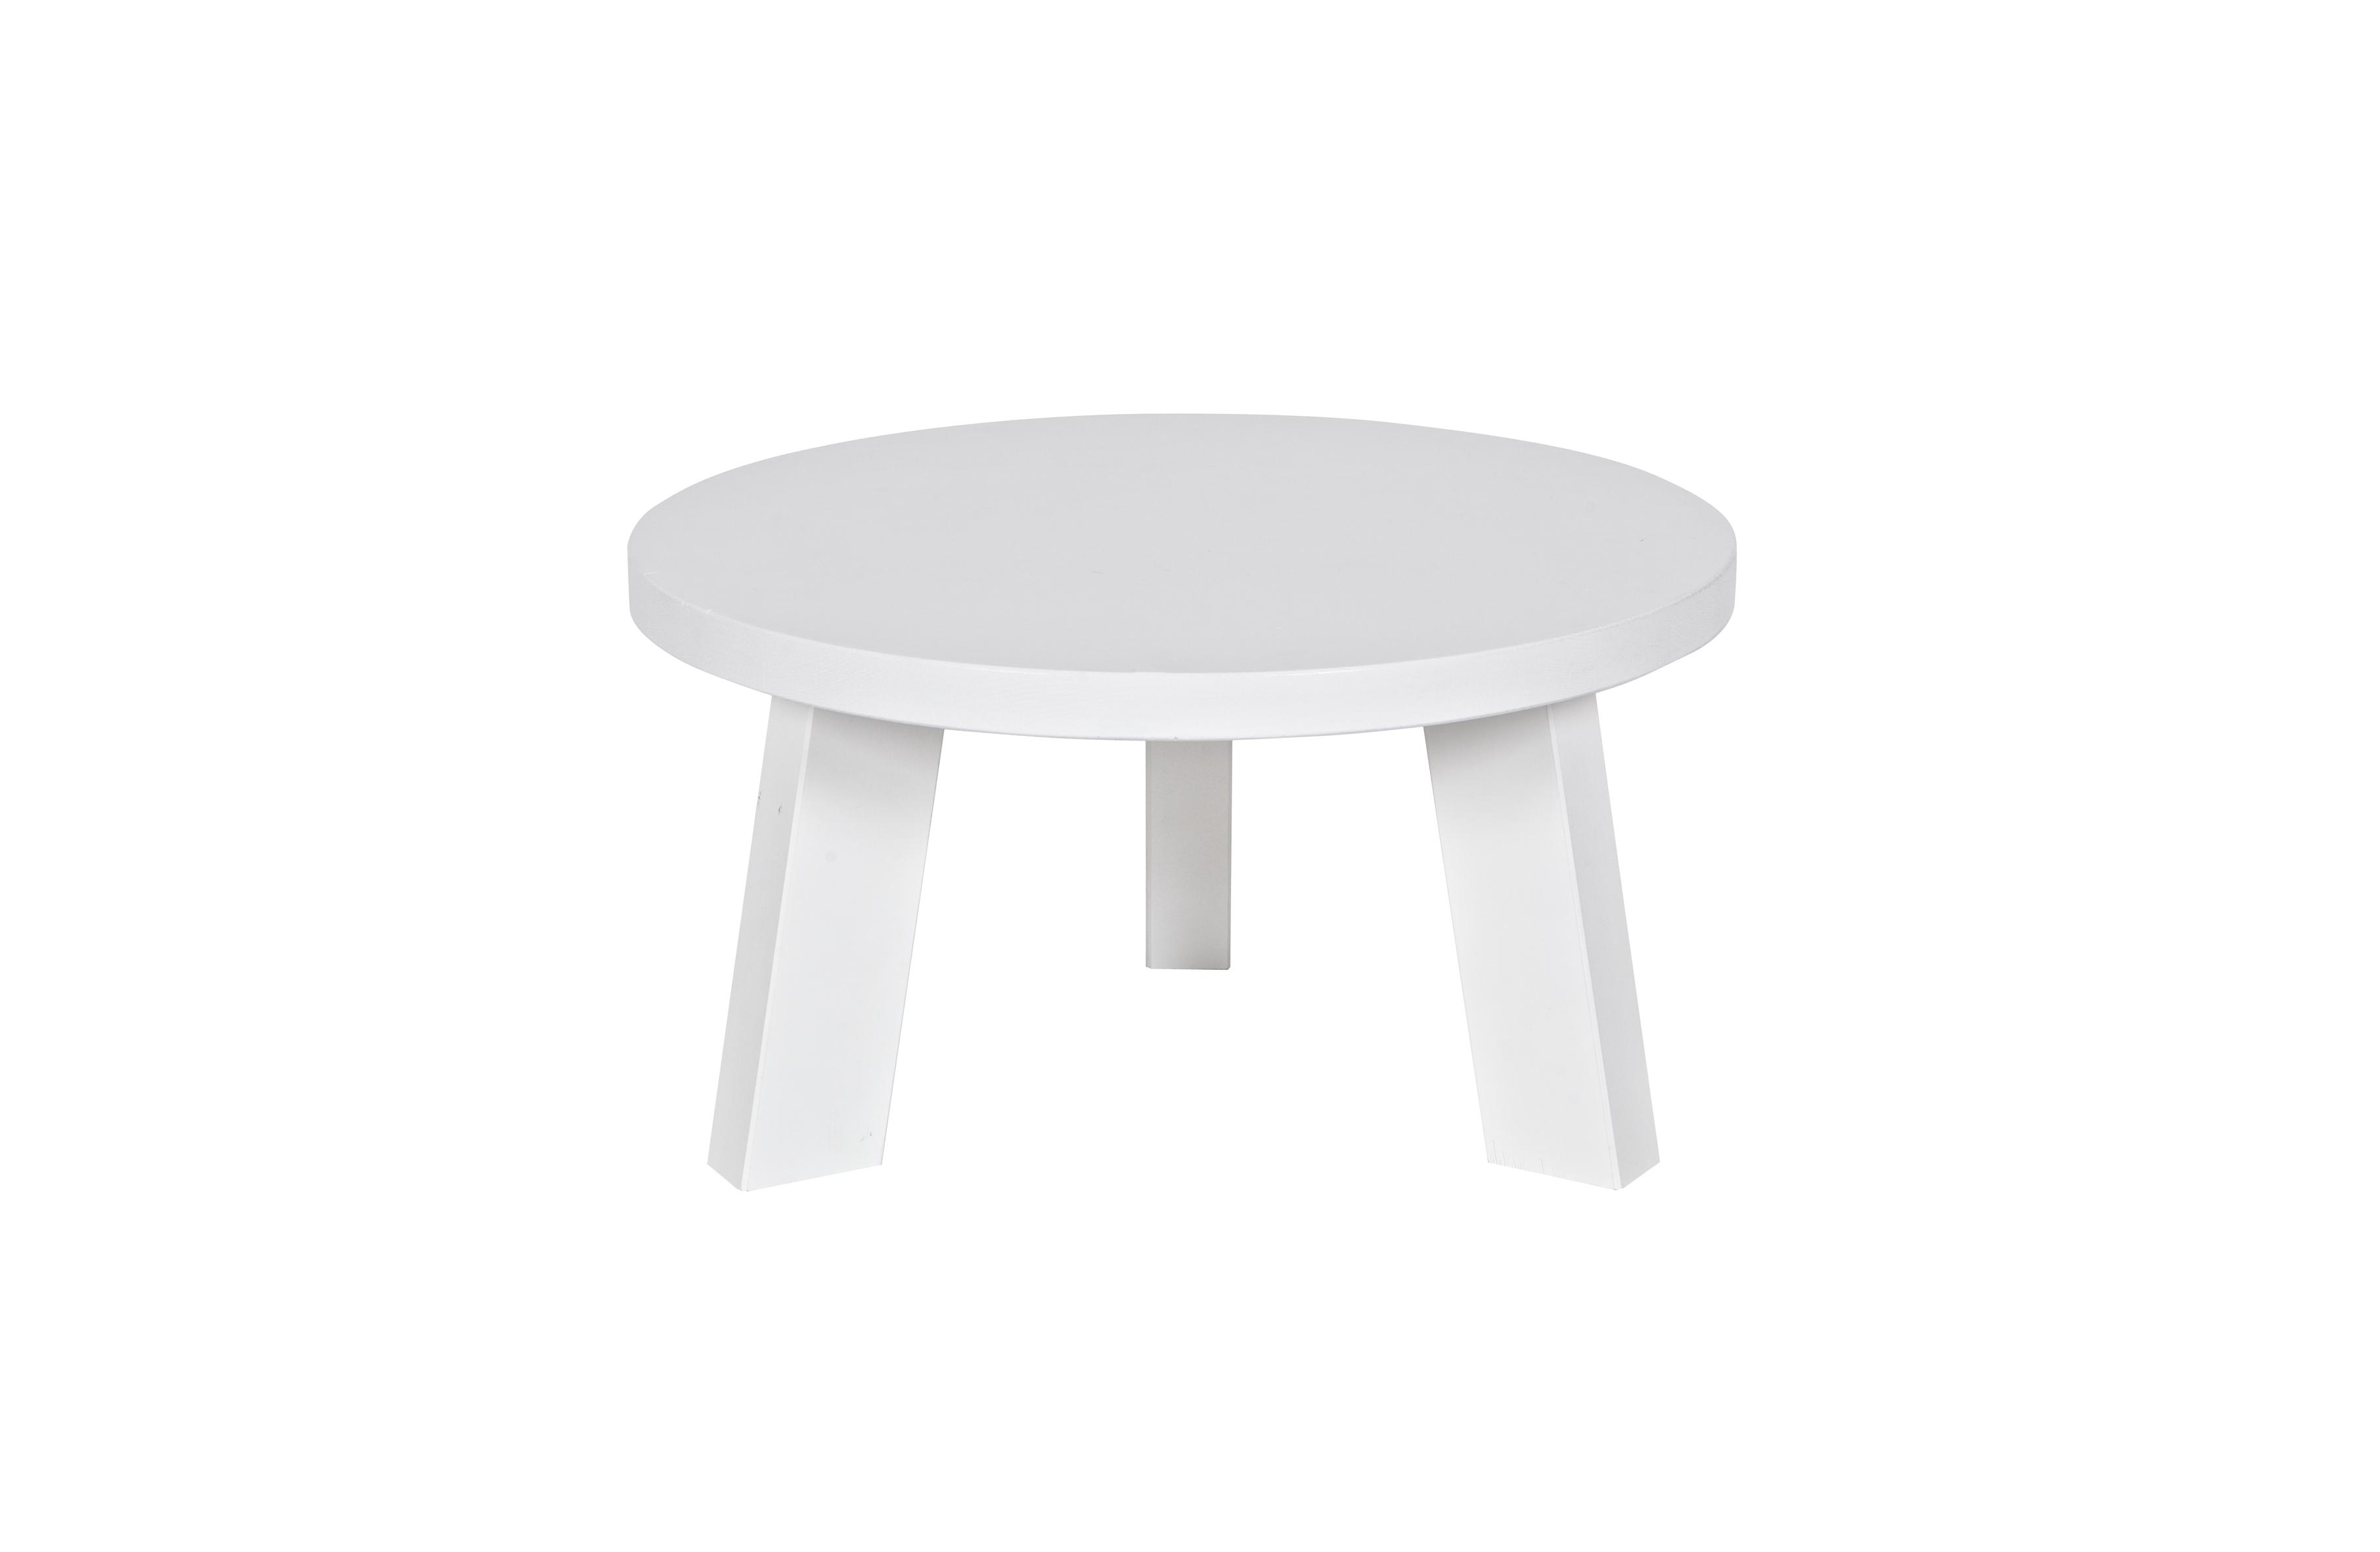 Ikea Witte Stoel : Ikea witte eettafel. free affordable fabulous ovale tafel wit with